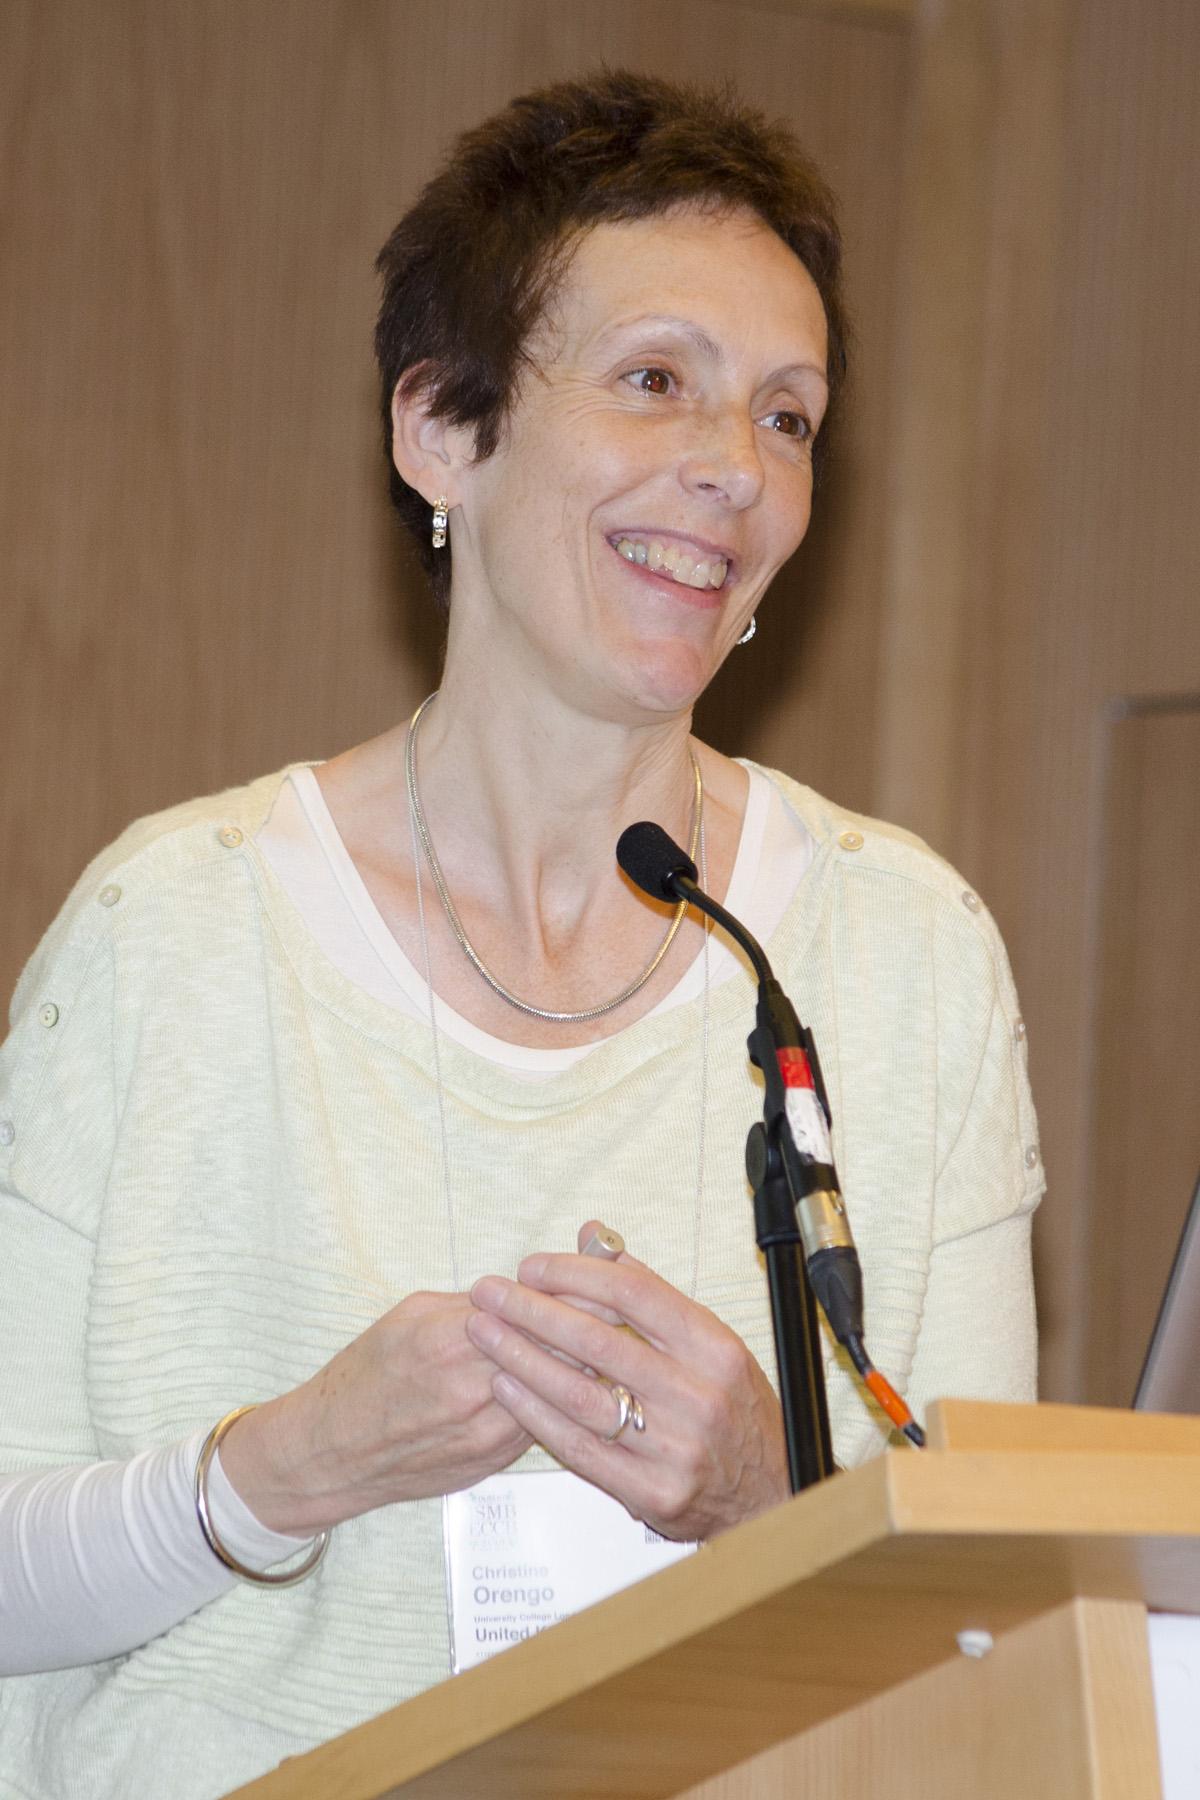 image of Christine Orengo